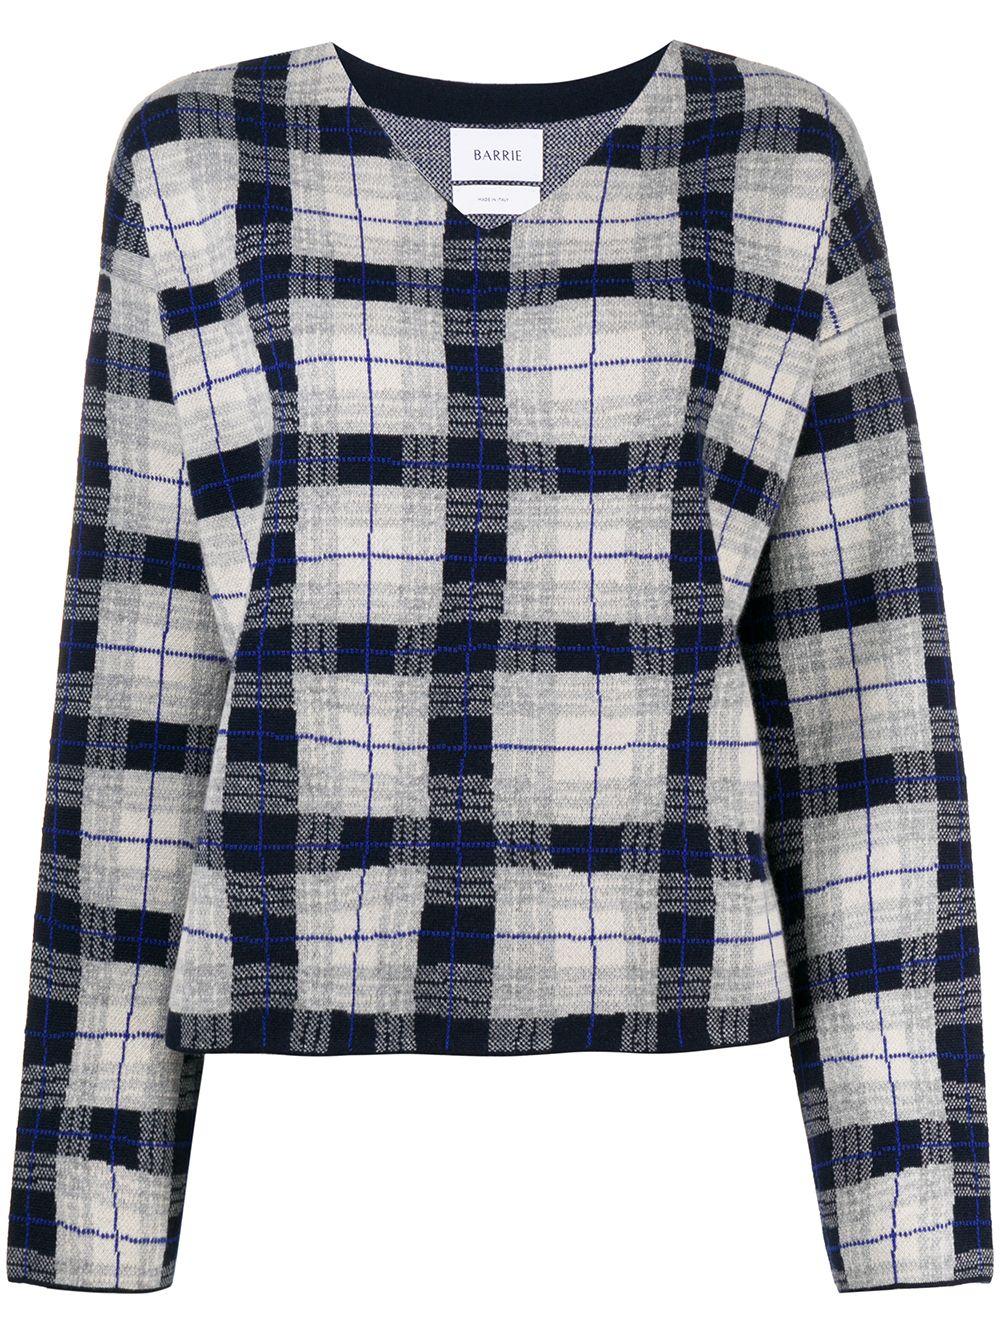 Barrie Karierter Pullover - Grau